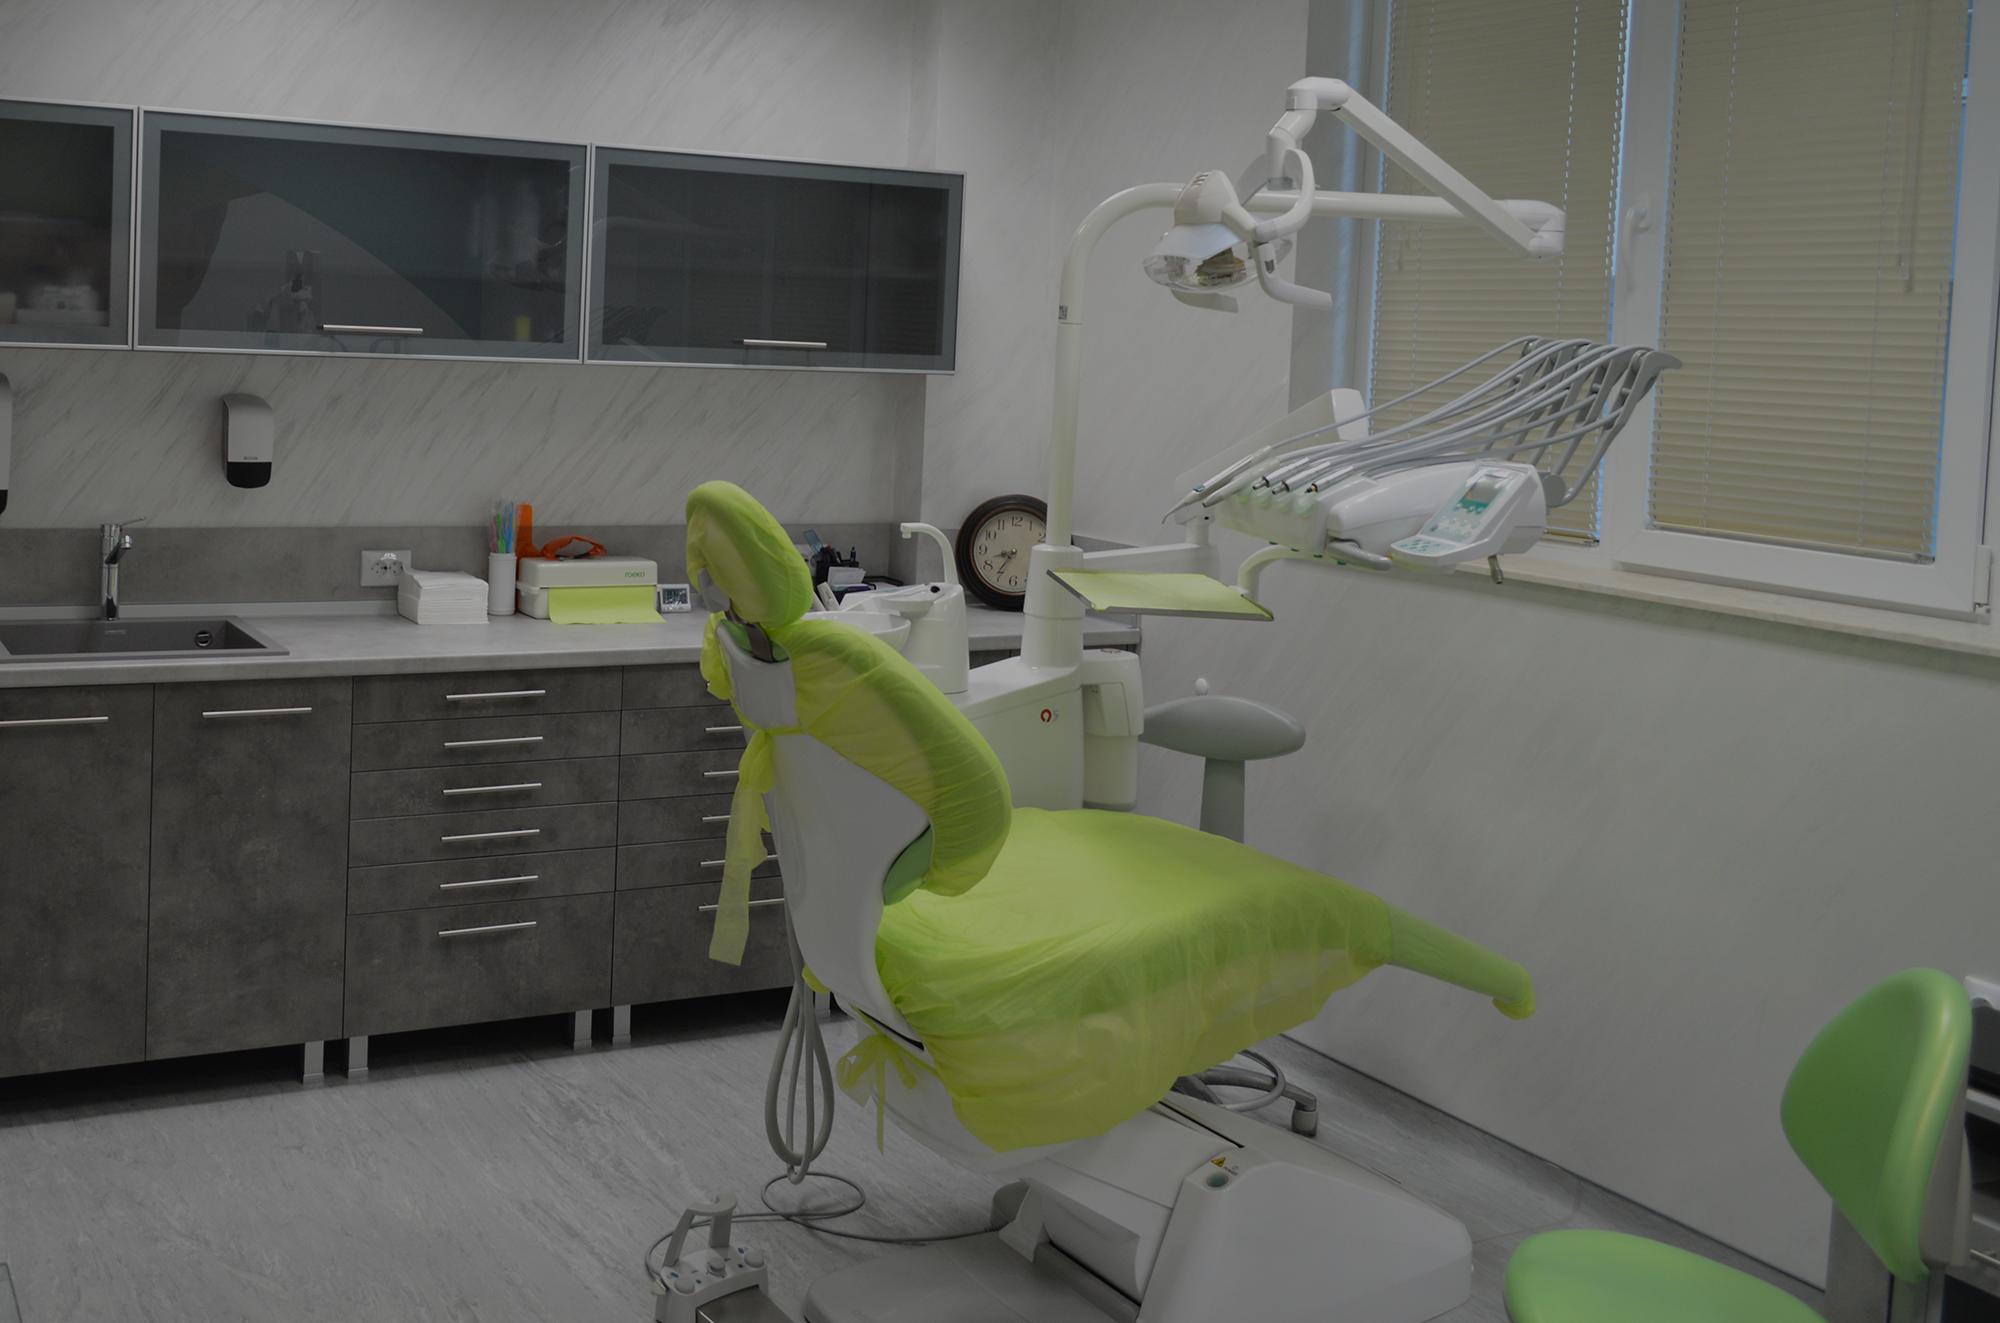 Стани нашият нов колега дентален лекар за новия ни напълно оборудван кабинет!